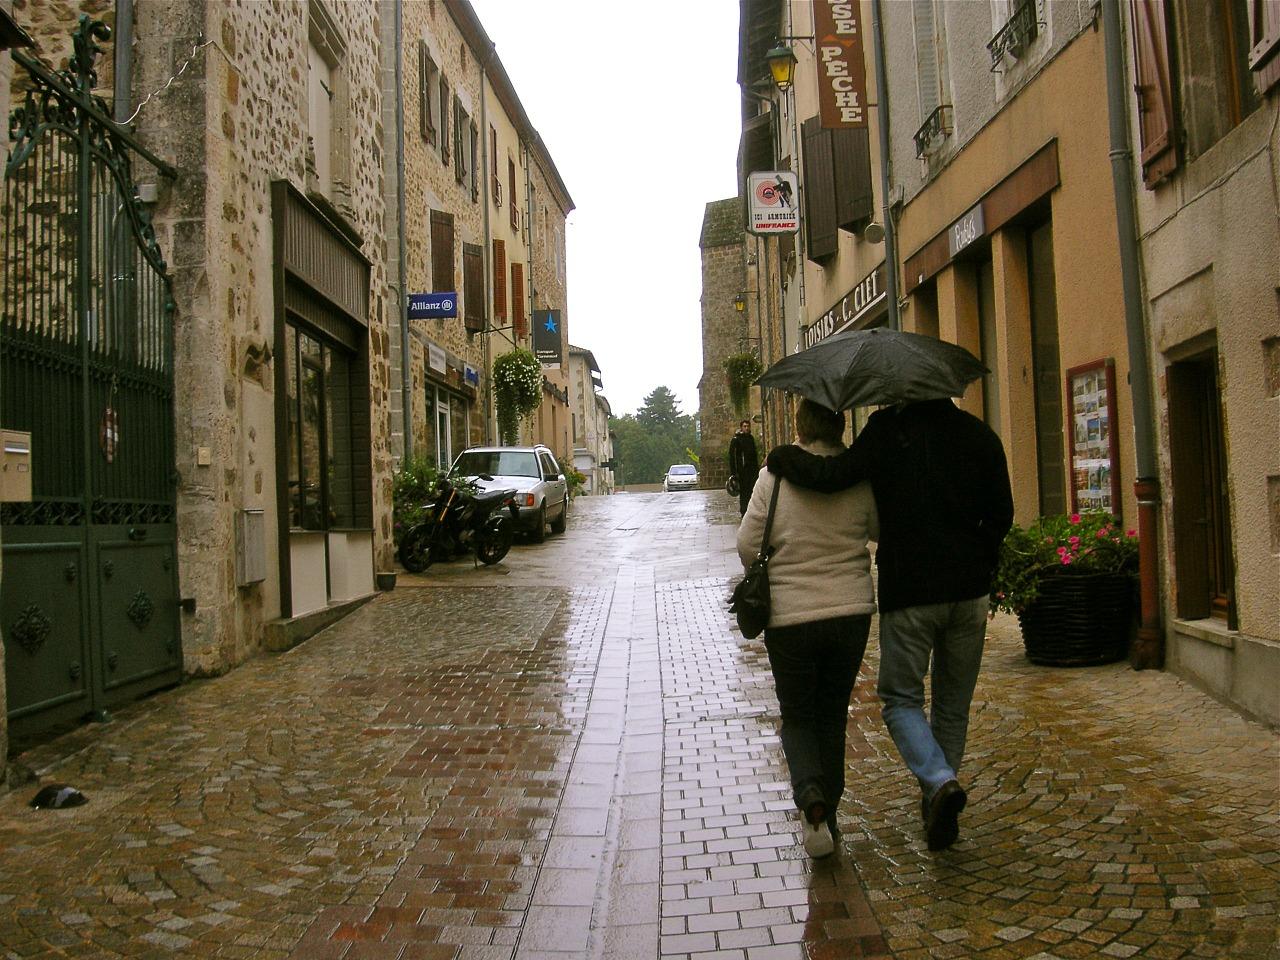 8. 感受雨天吧! 在雨天只有兩種人 感受下雨的人 和淋濕的人 既然前方也下著雨 不如放慢腳步欣賞身邊的風光